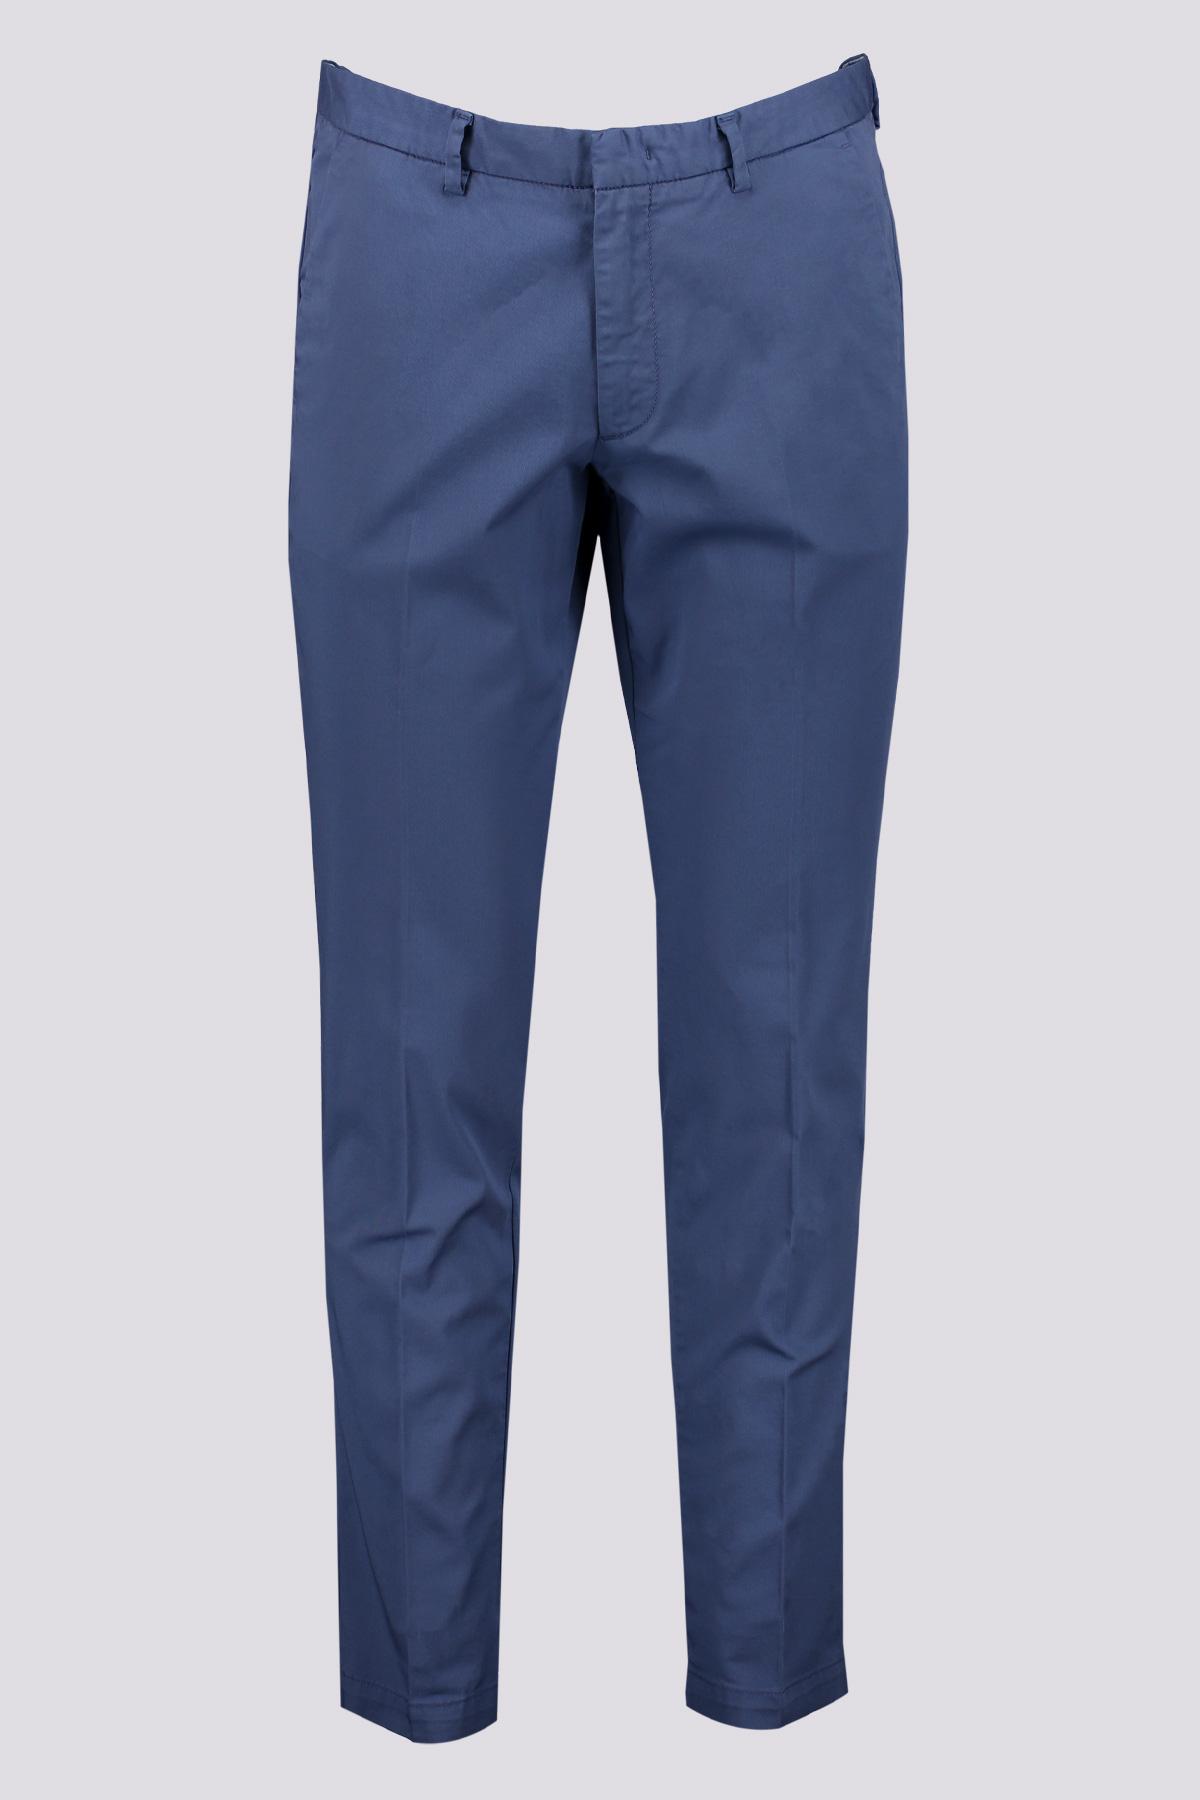 Pantalones chinos de algodón elástico Marca BOSS color azul medio